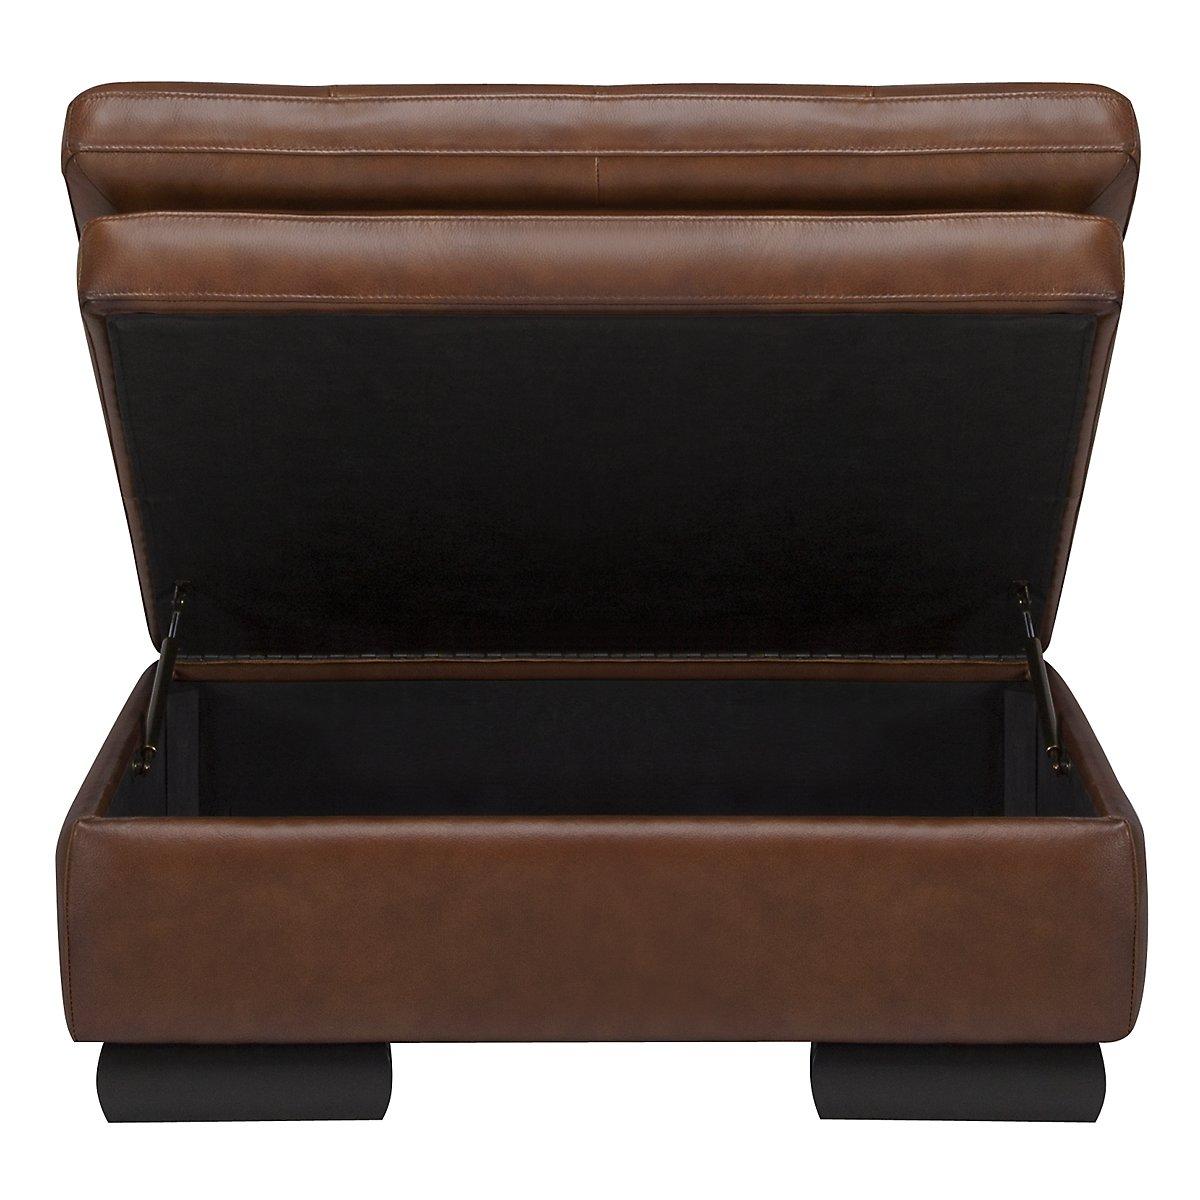 Trevor Medium Brown Leather Storage Ottoman. VIEW LARGER - Trevor Md Brown Leather Storage Ottoman